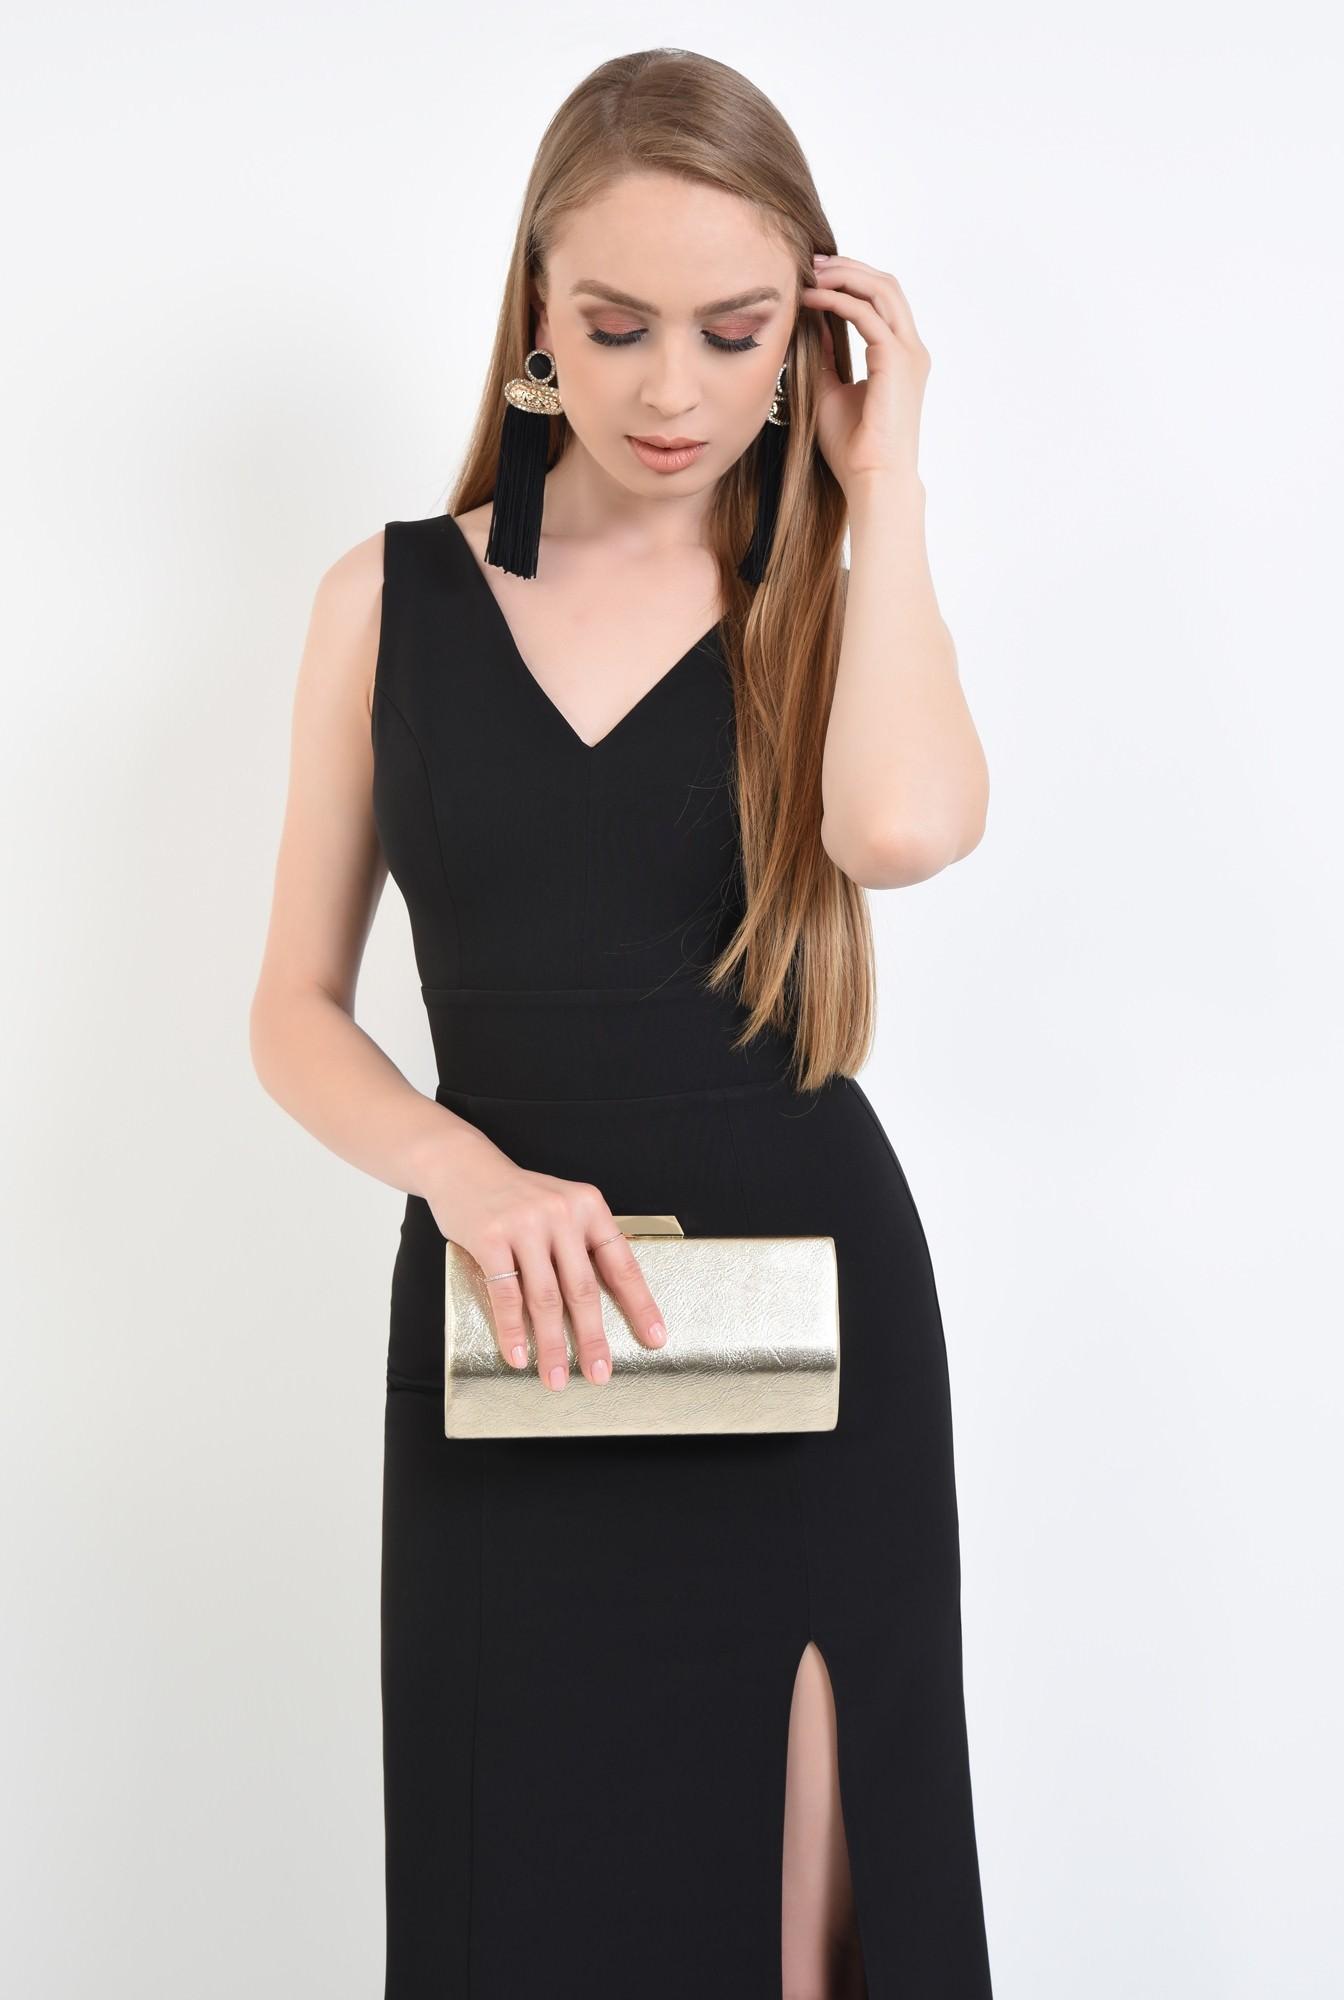 2 - rochie de seara, decolteu, anchior, negru, slit